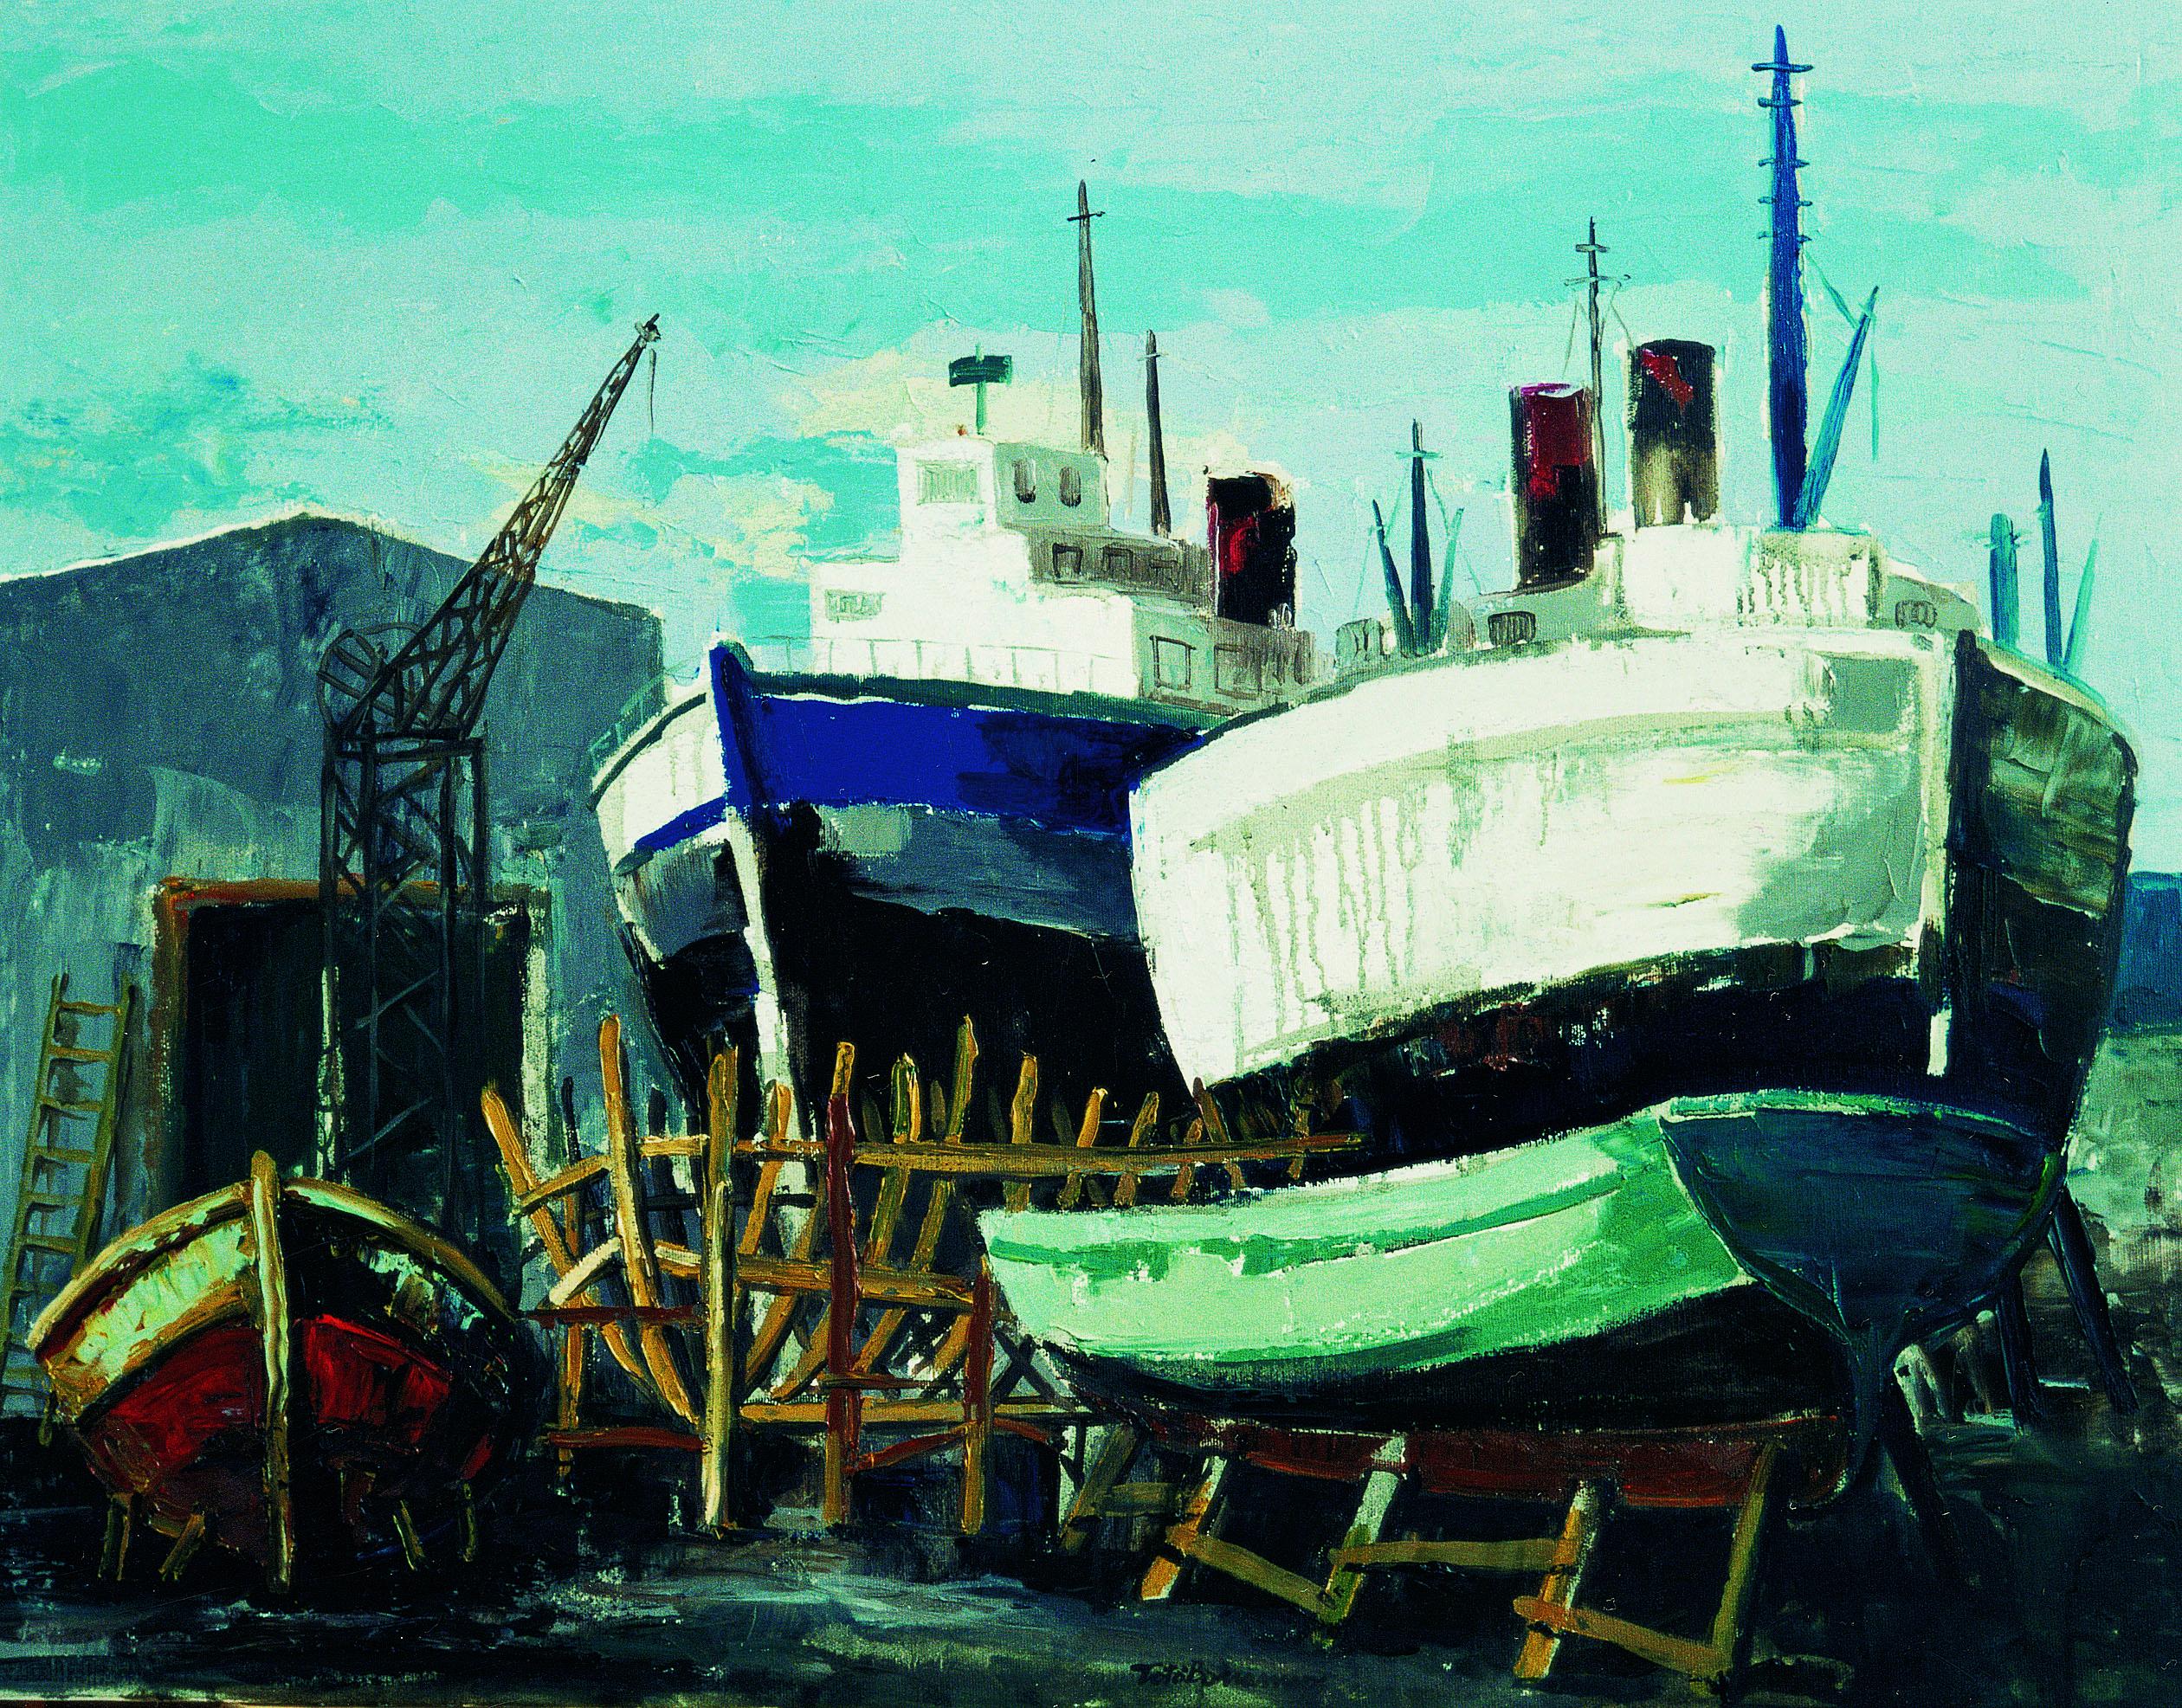 Totò Bonanno - Vecchie barcjhe in cantiere